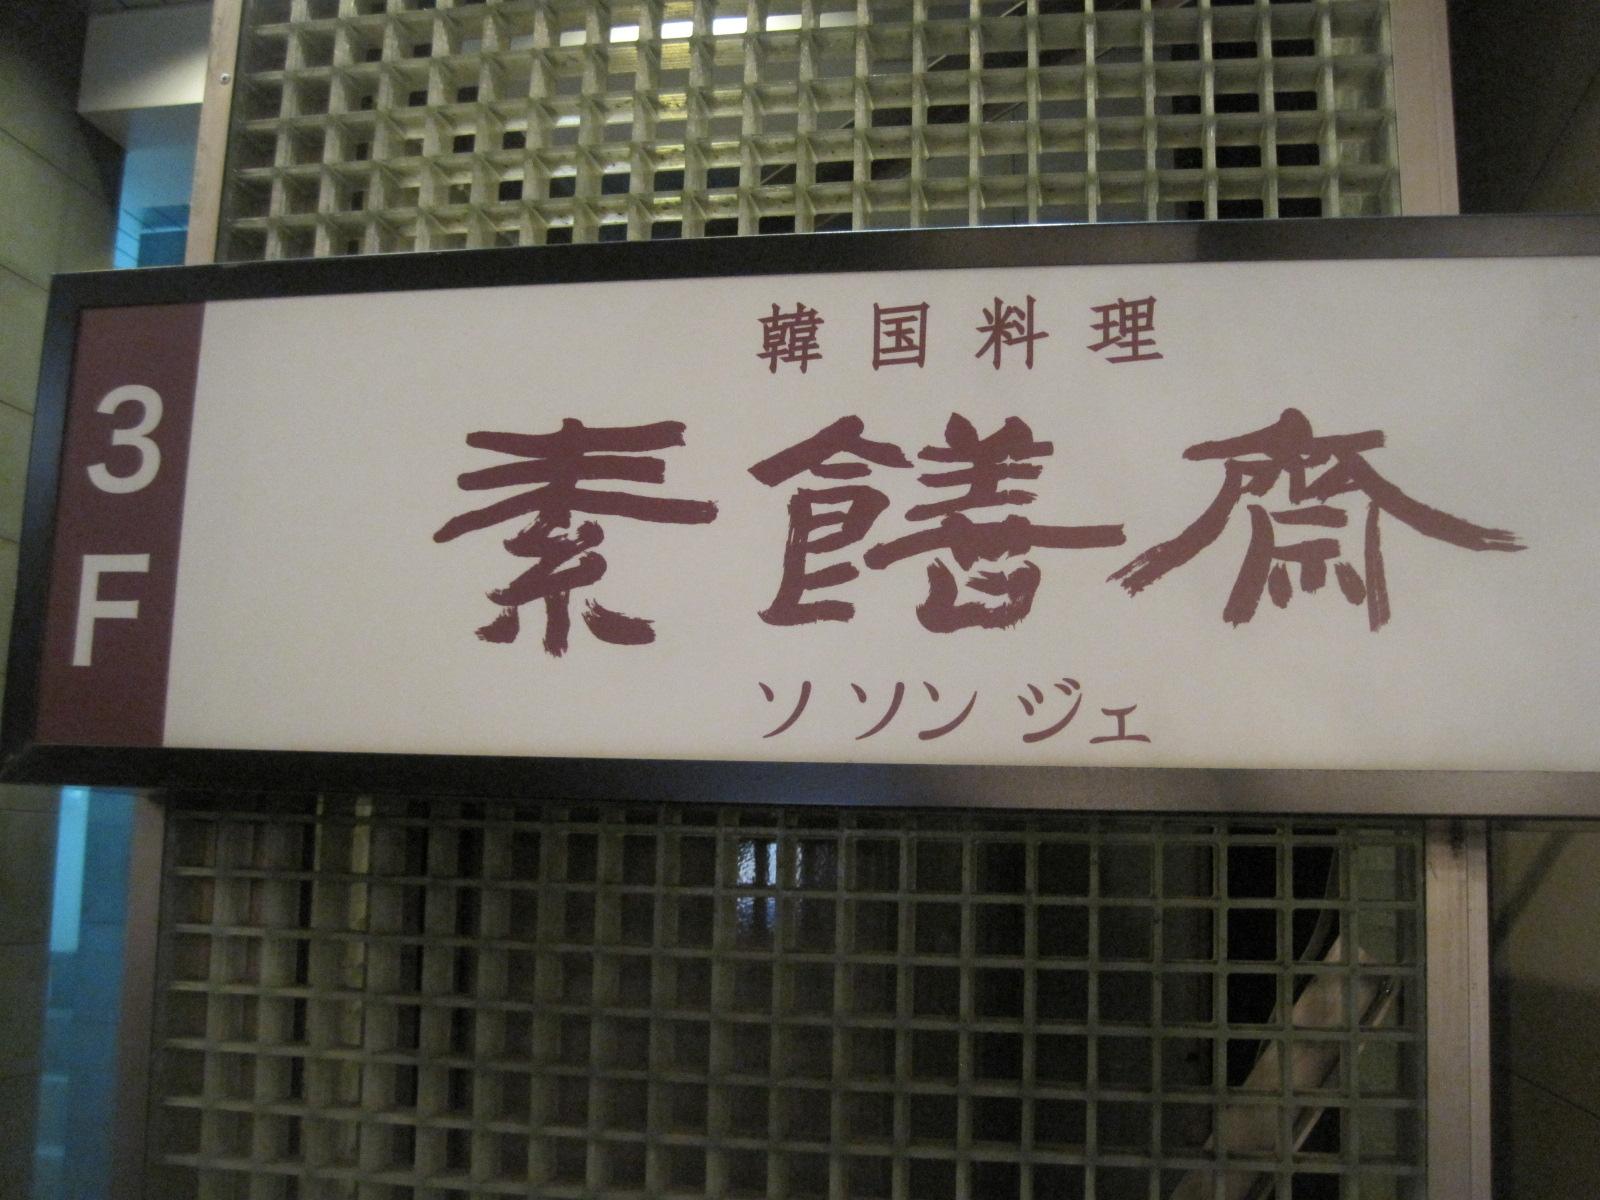 麻布十番 素饍齋 (ソソンジェ)_f0236260_1543067.jpg